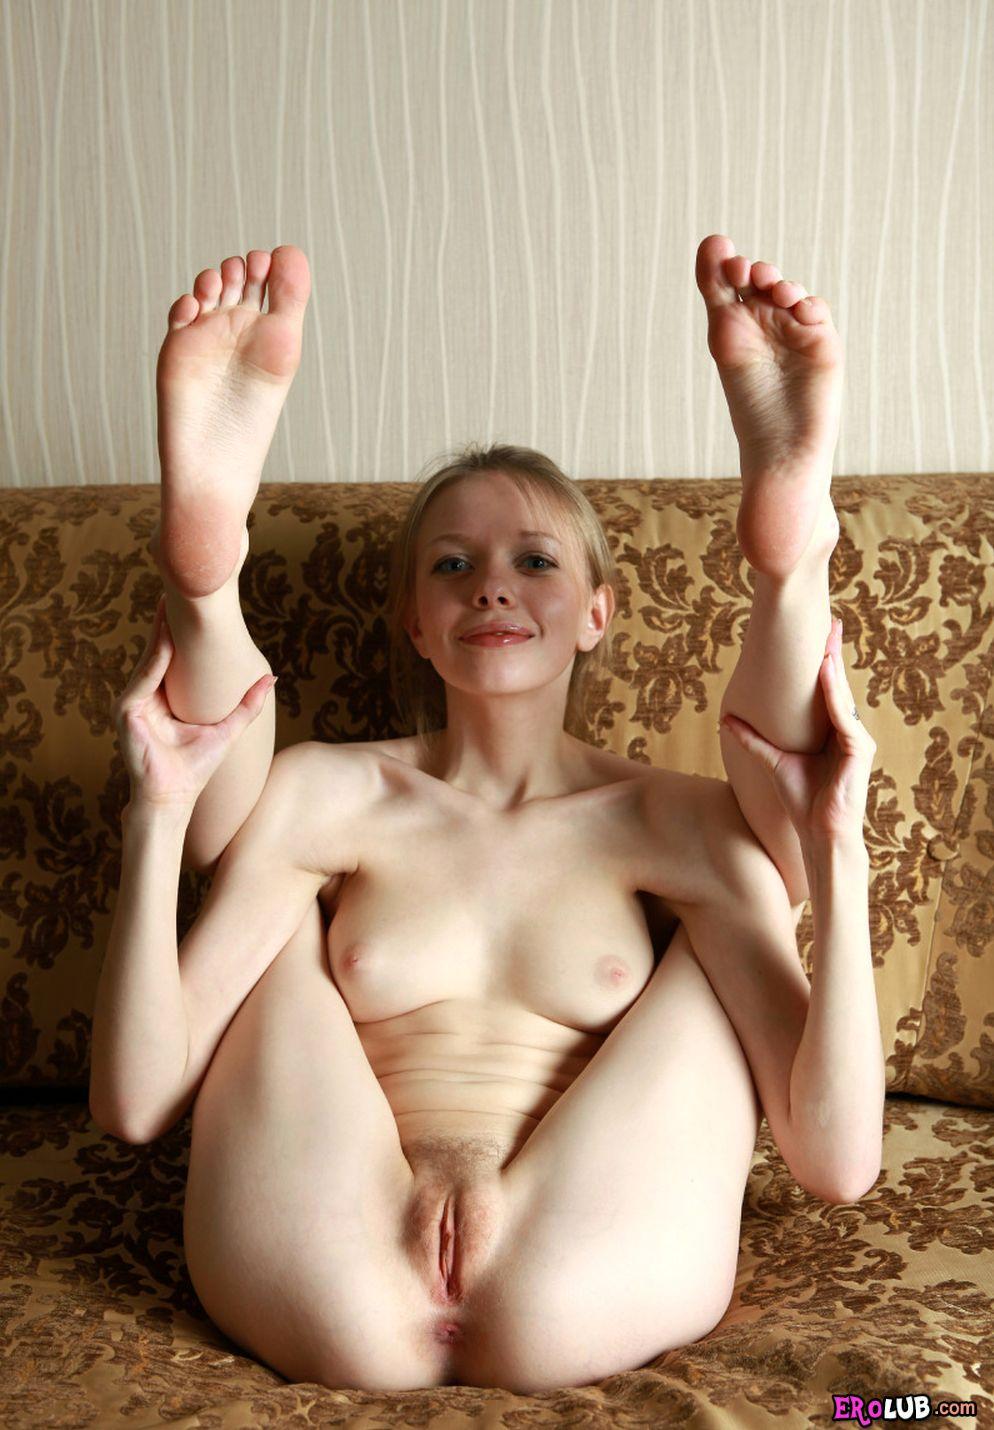 Русское порно молодых и худых девушек 18 фотография